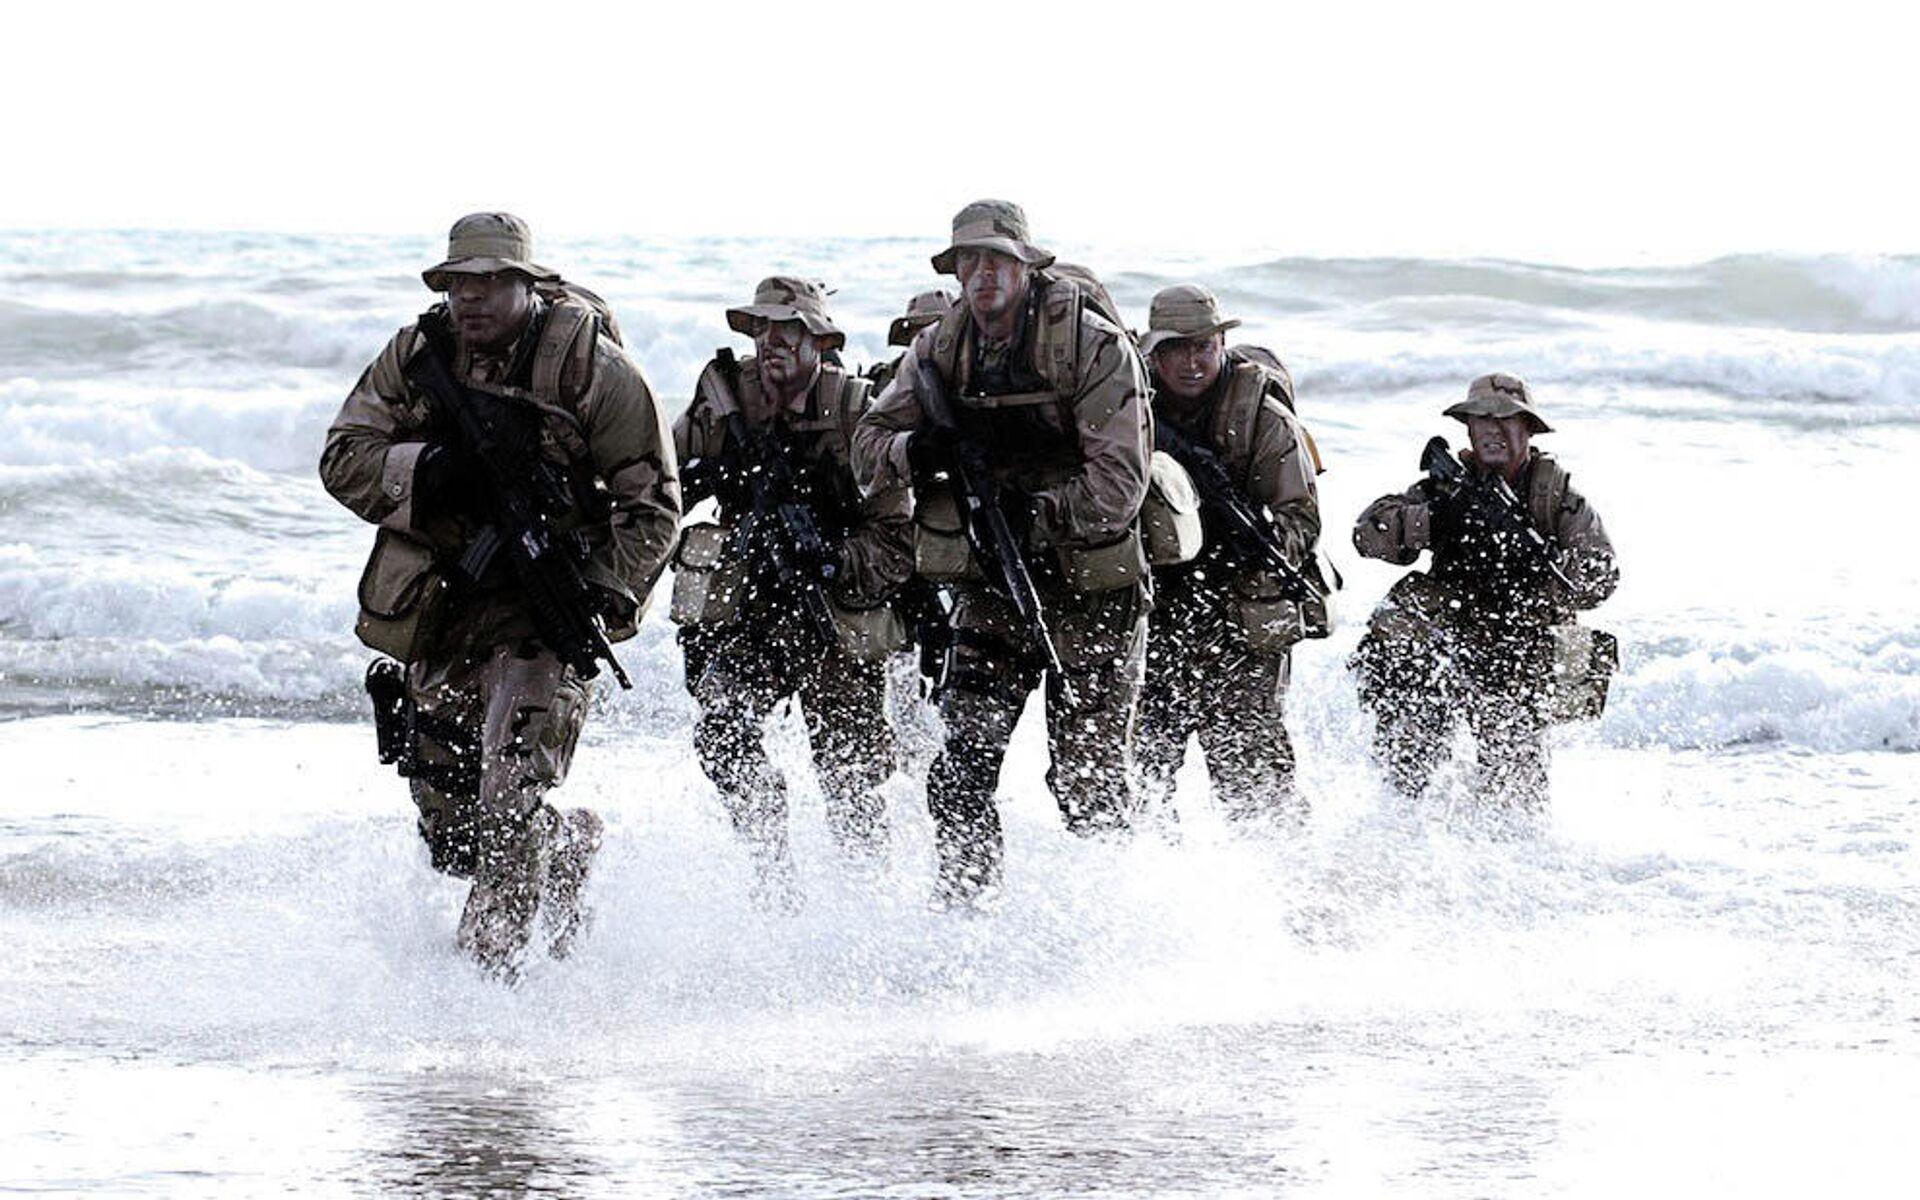 Бойцы спецназа Navy SEAL (США) - РИА Новости, 1920, 06.04.2021